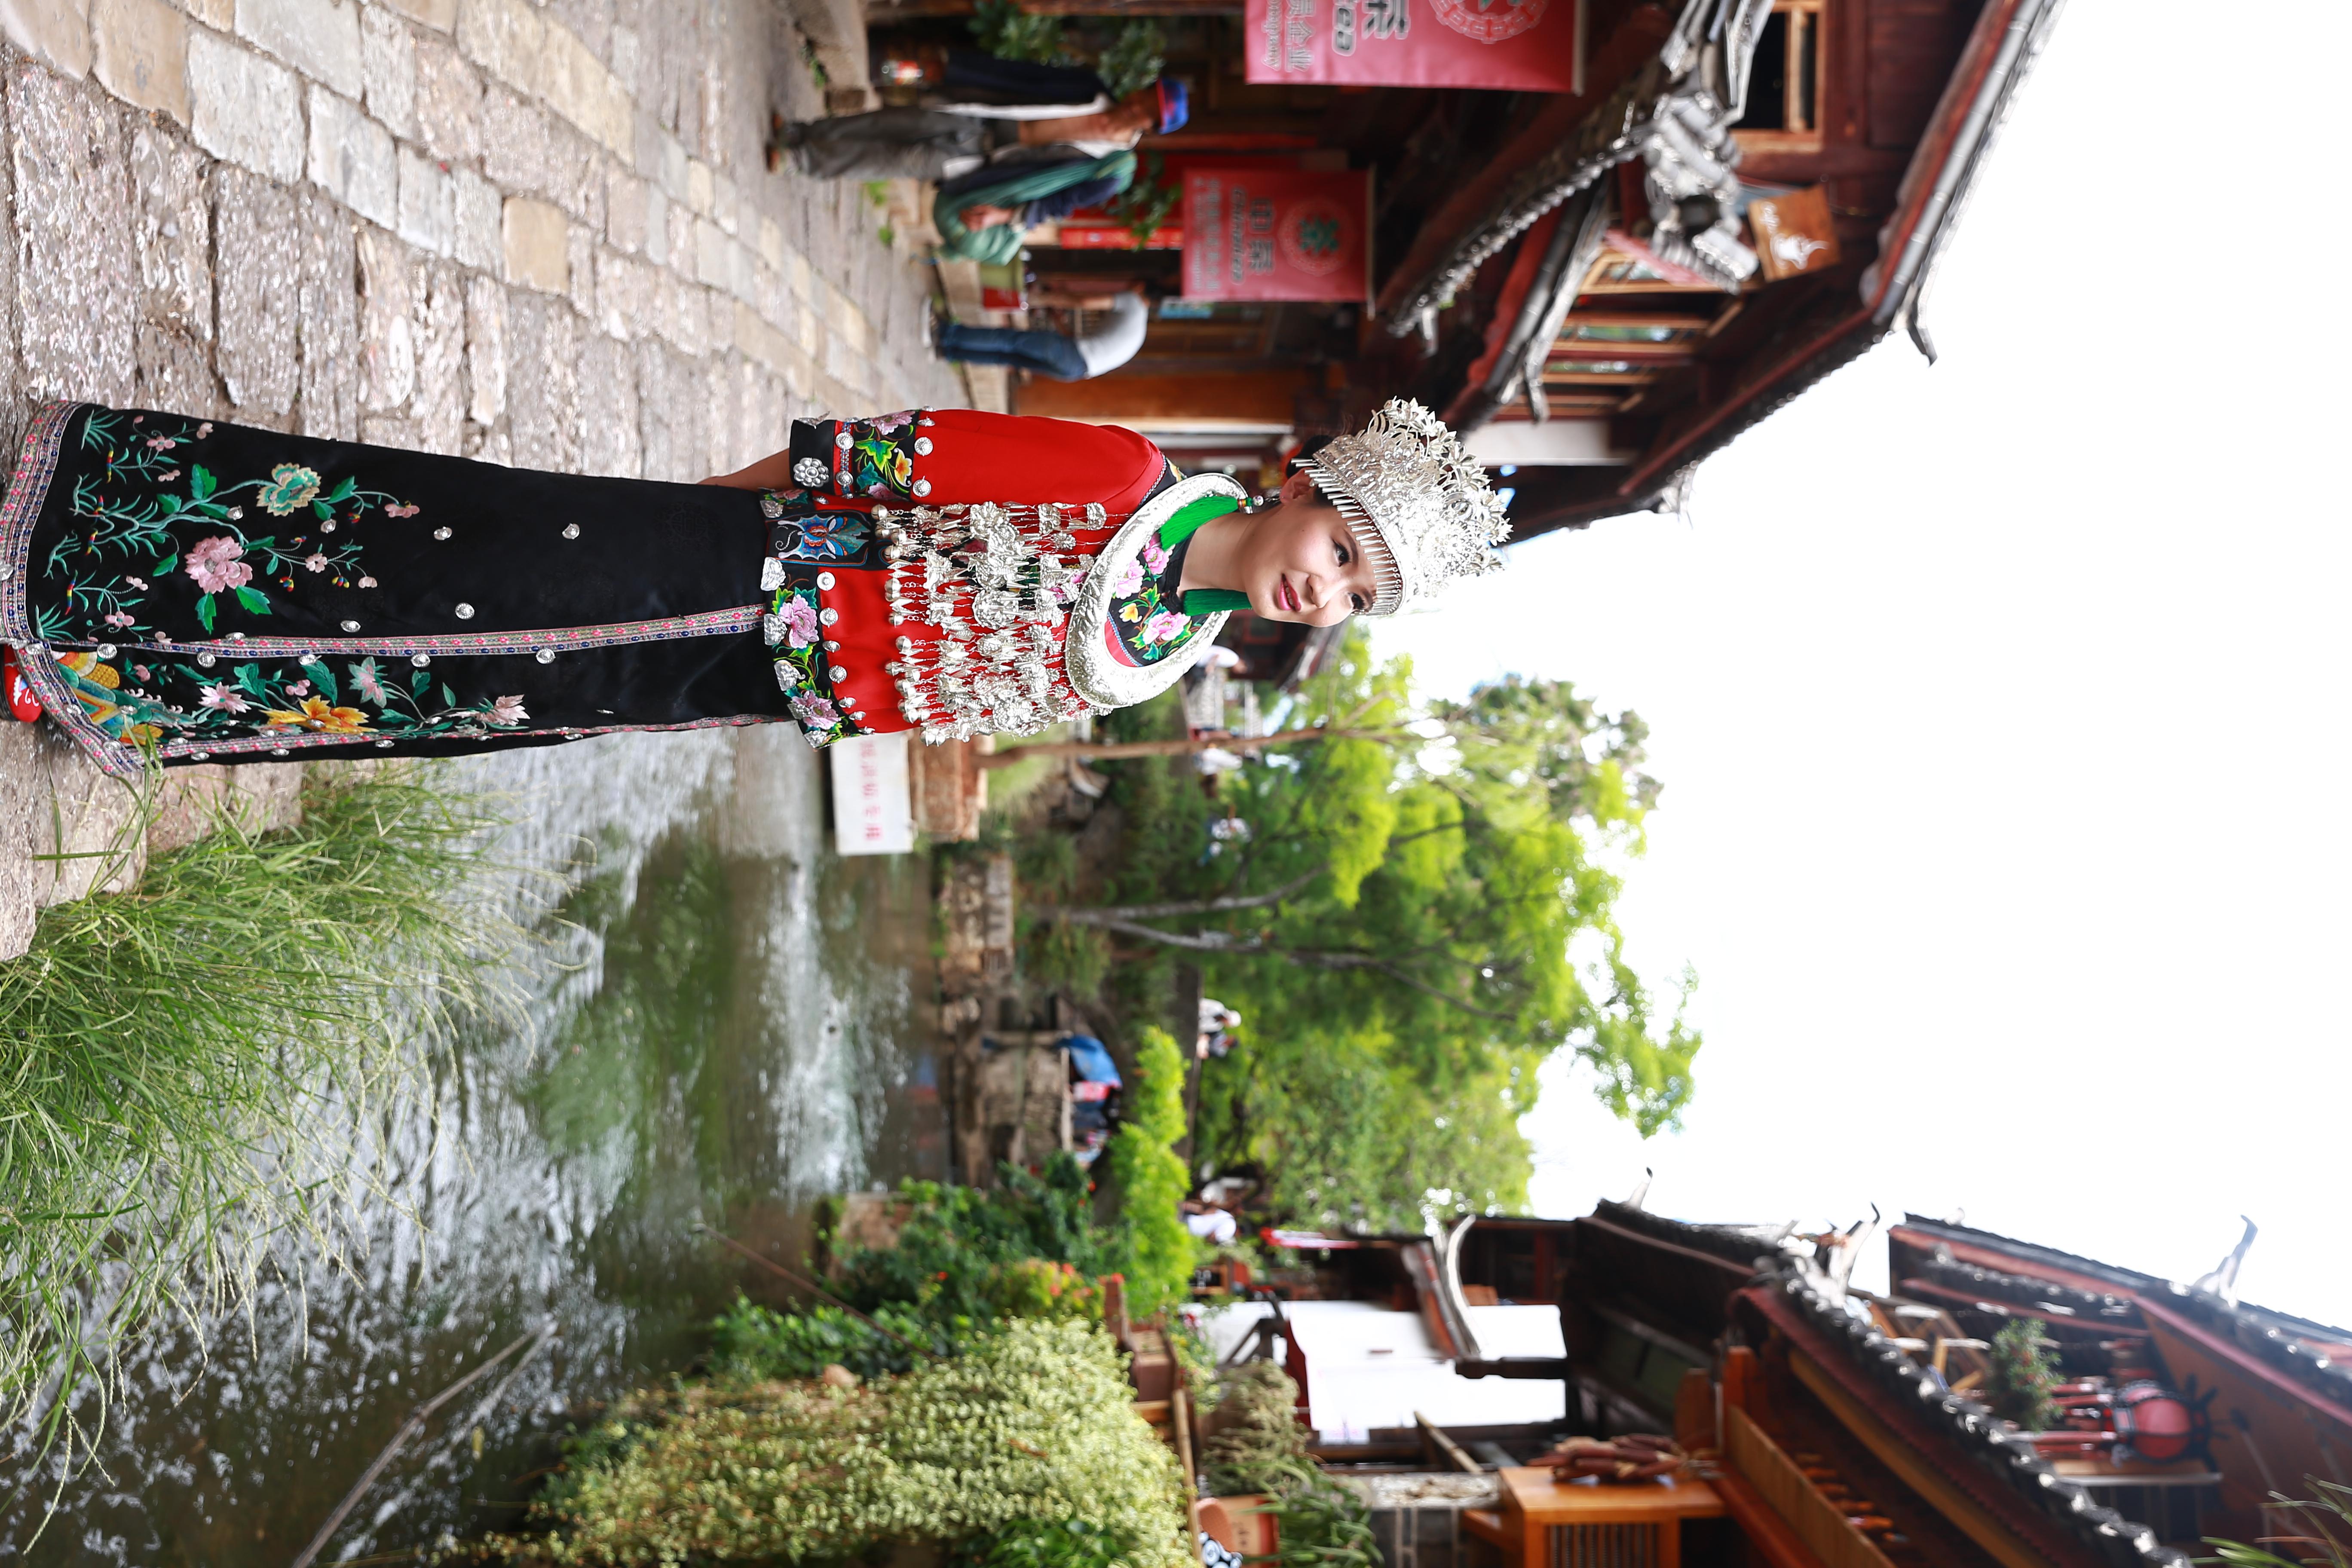 丽江那么美,为什么你们都喜欢大理?-大研古城,普达措,玉龙雪山,香格里拉,束河